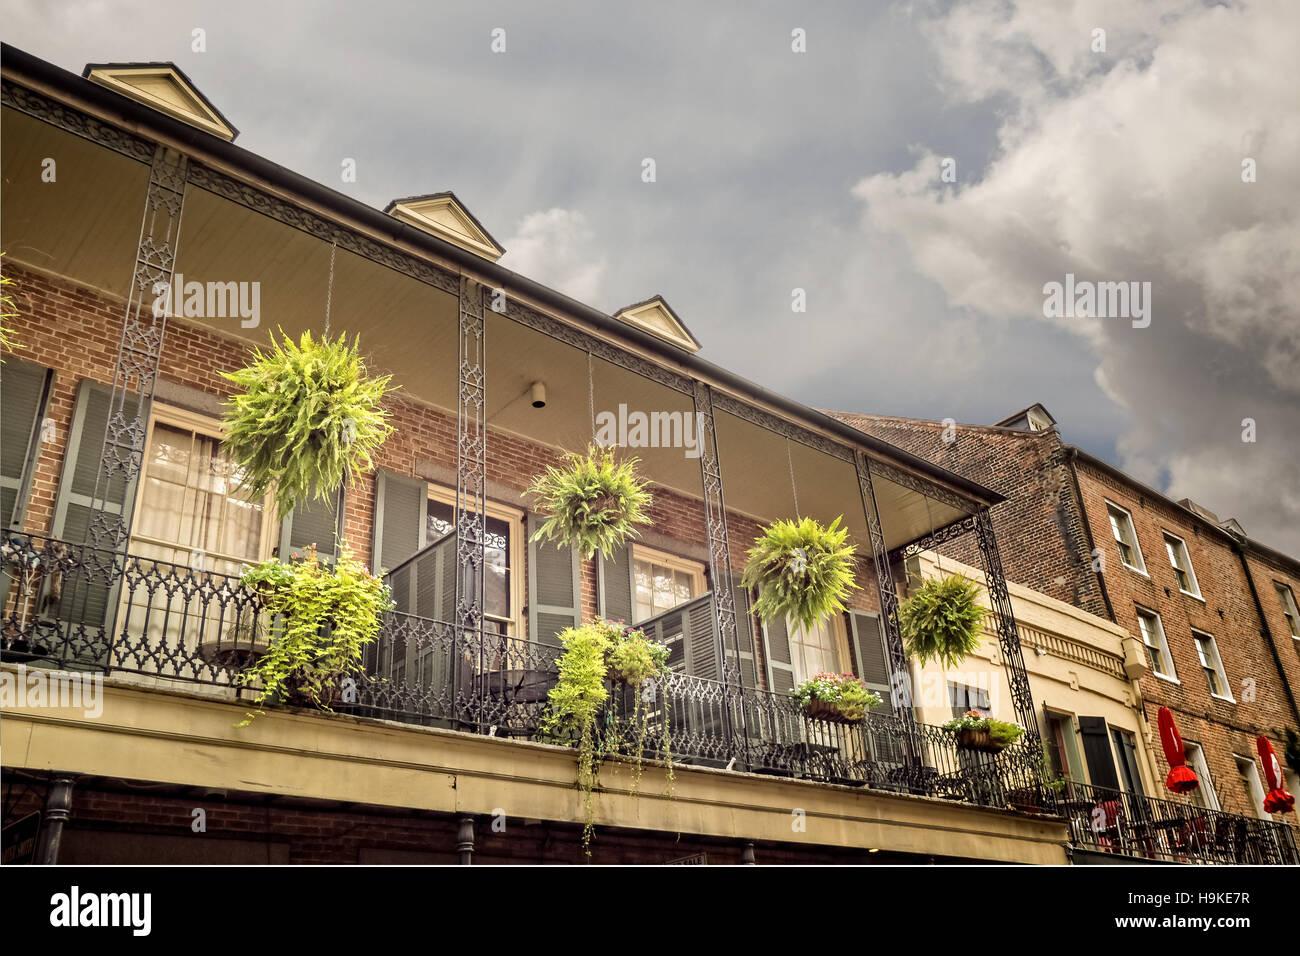 Altbau Mit Balkon Mit 4 Hangepflanzen Im French Quarter Von New